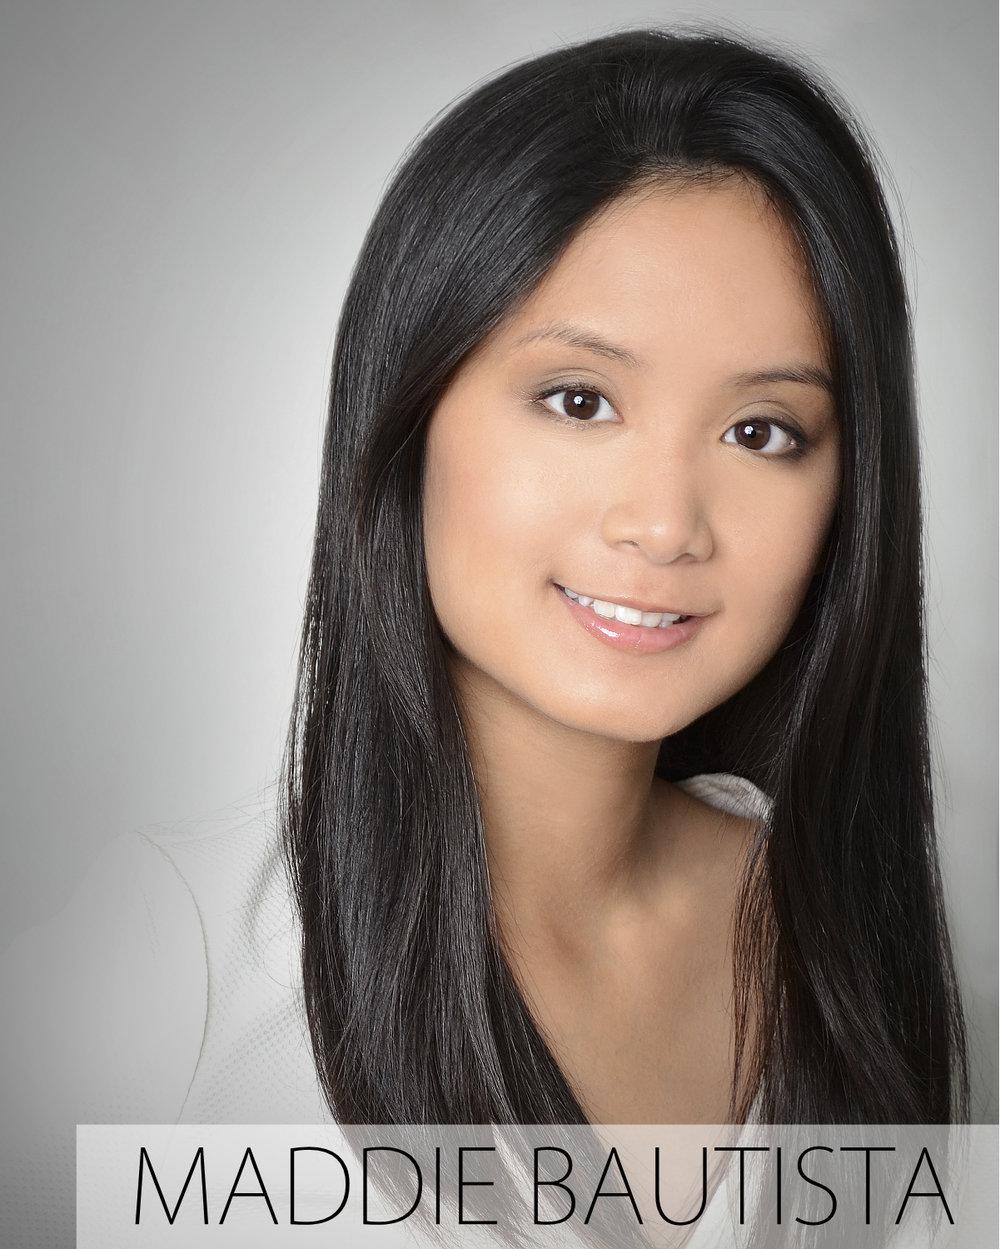 Maddie Bautista